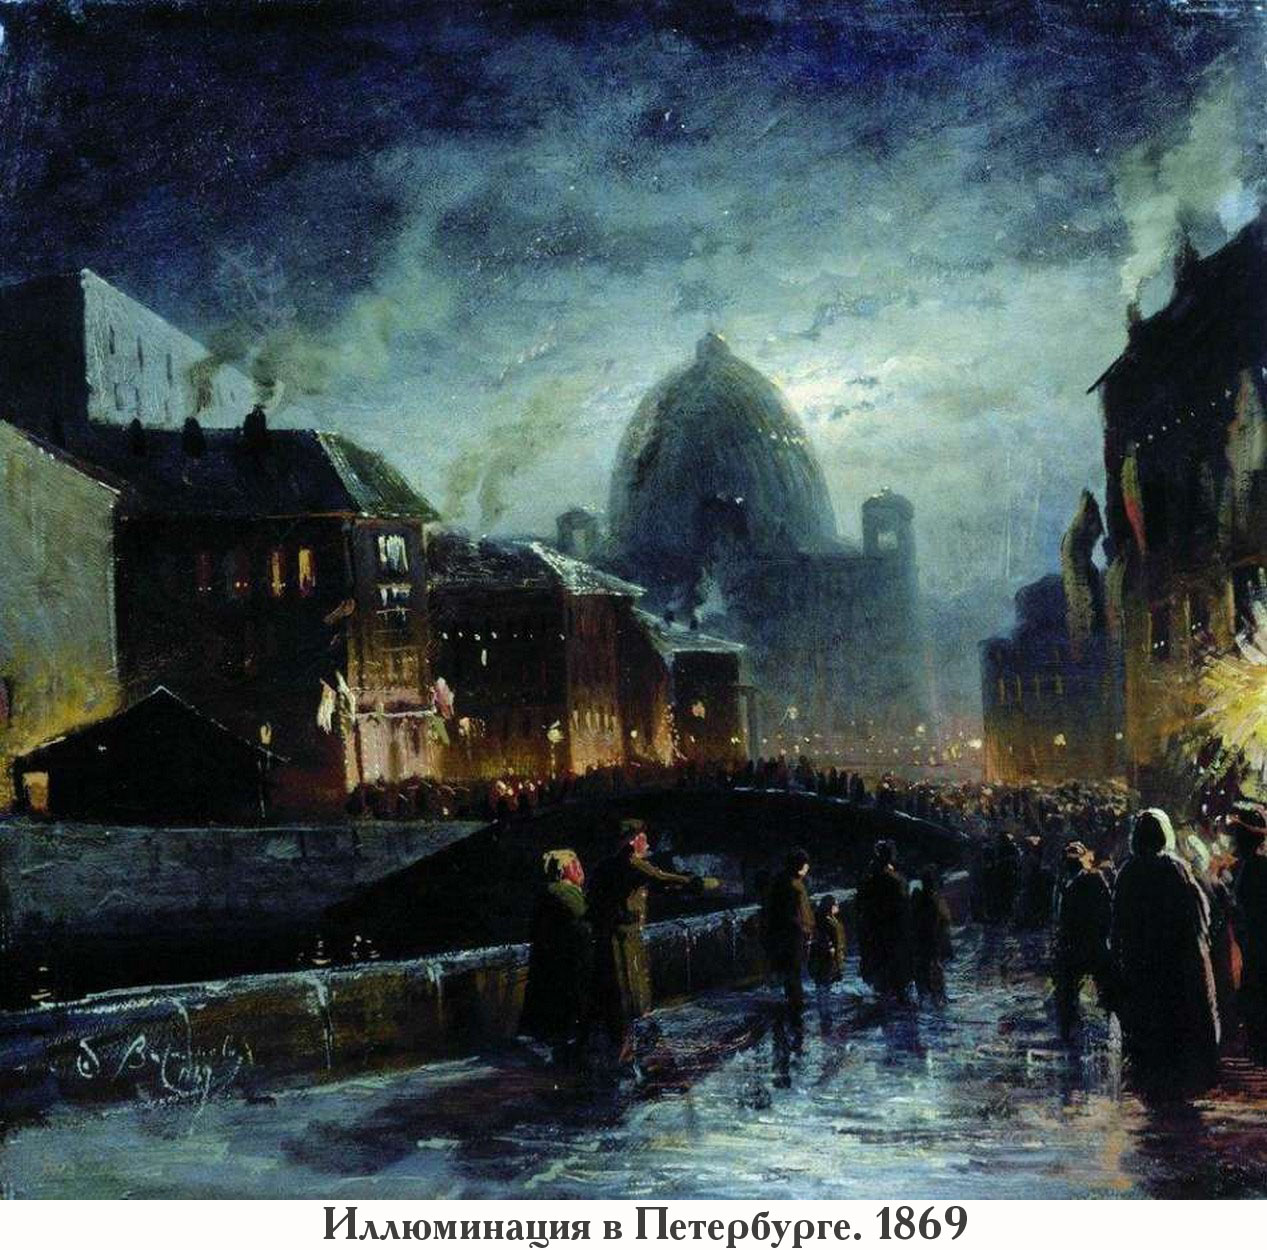 Иллюминация в Петербурге. 1869.jpg